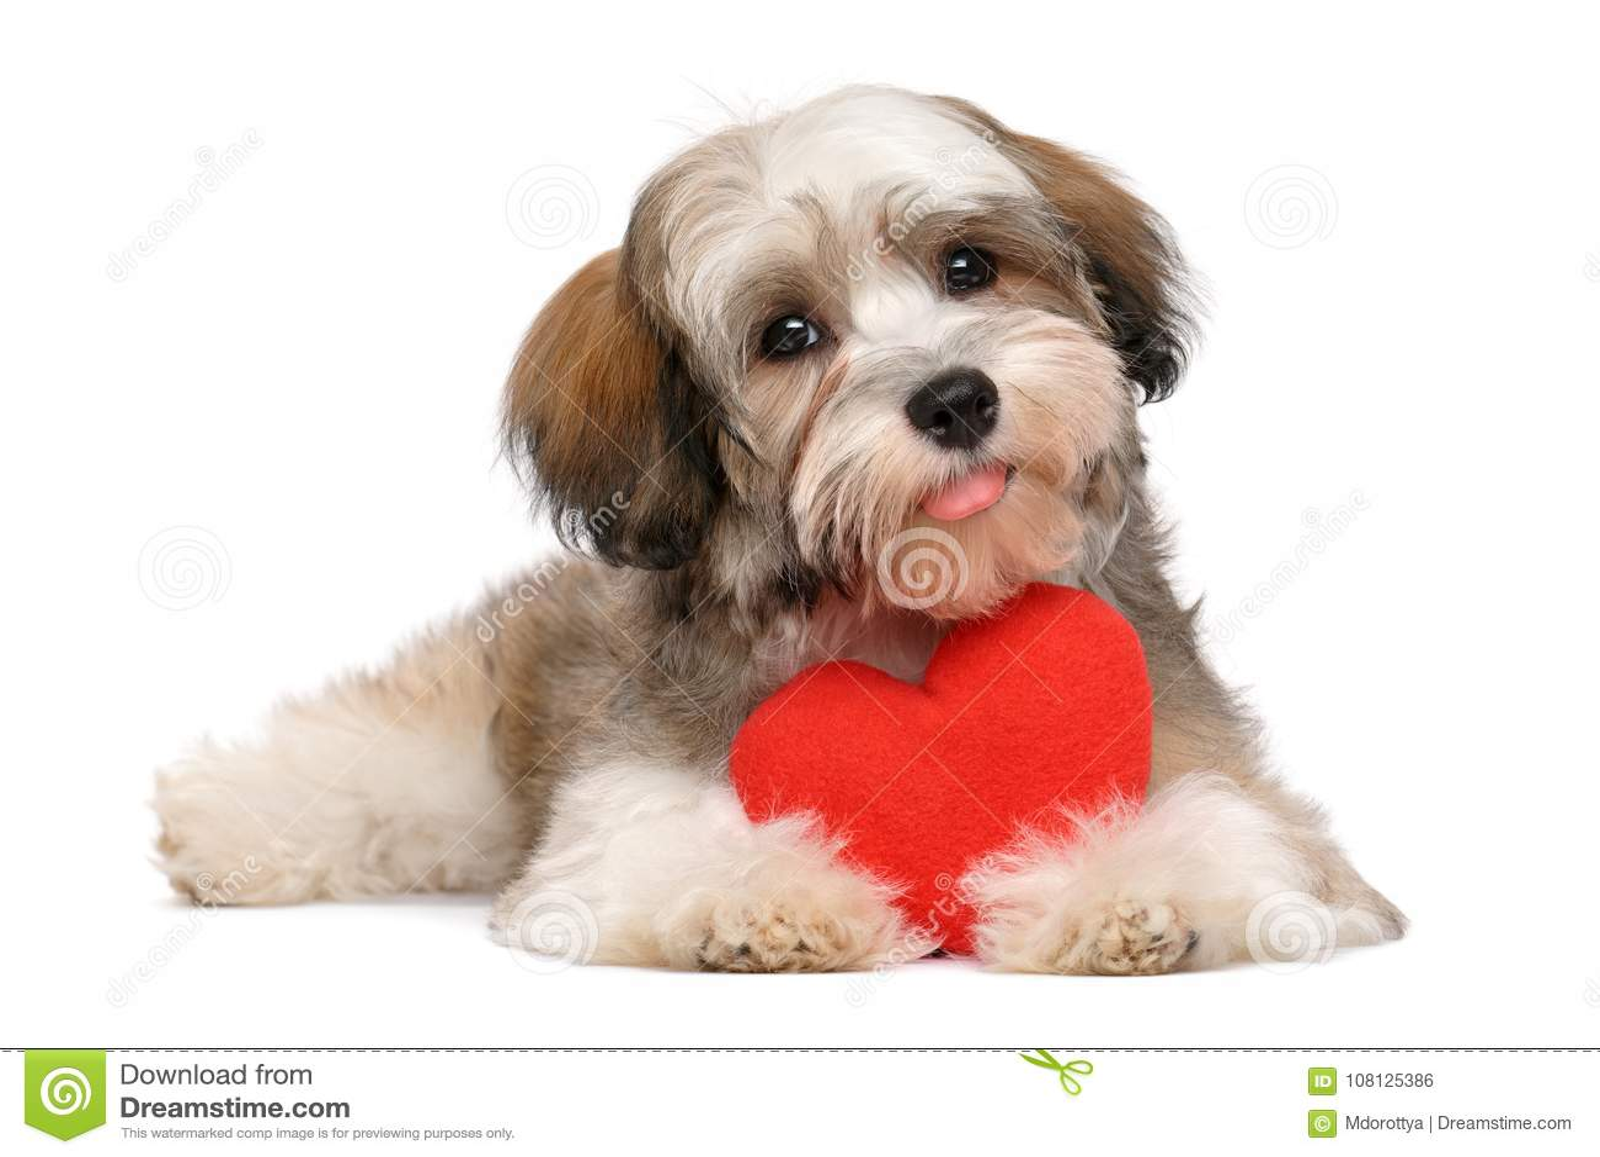 Happy lover valentine havanese puppy